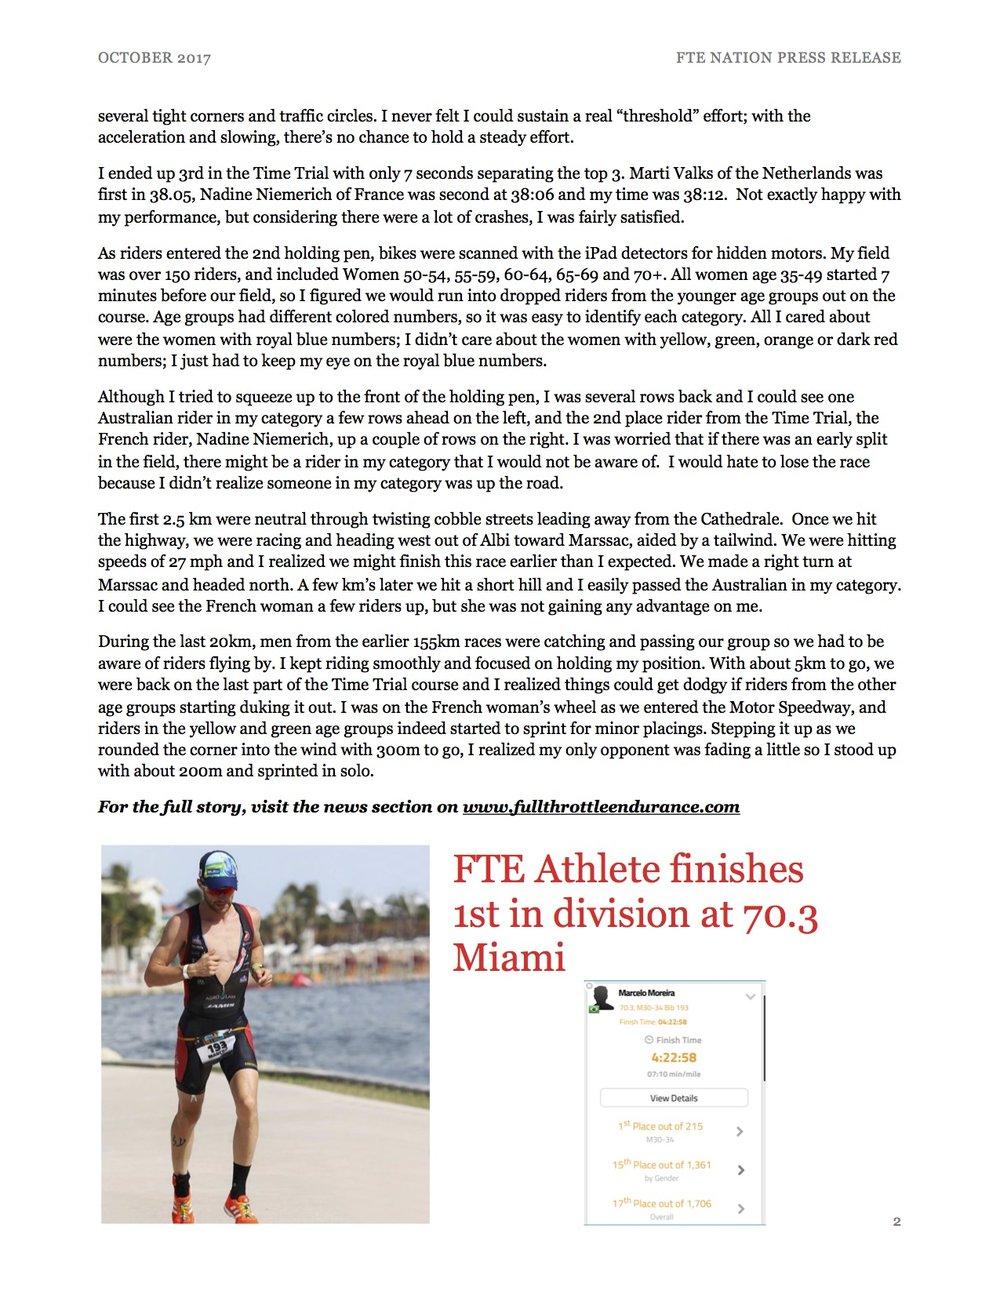 October 2017 press release 2.jpg